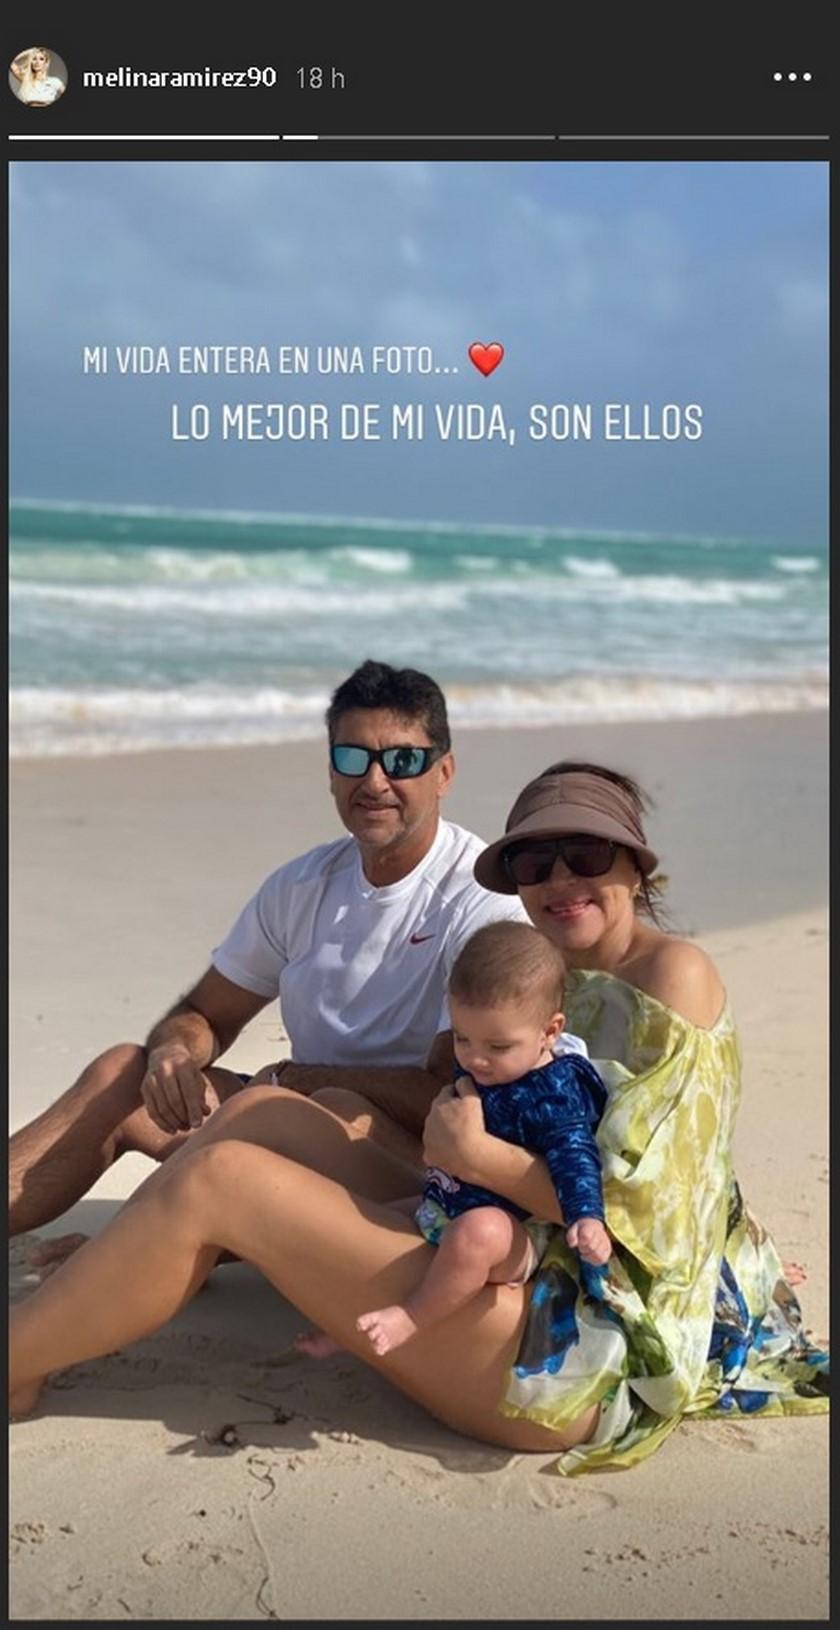 Así pasaron las vacaciones Melina Ramírez y su hijo Salvador en Punta Cana - Imagen 3